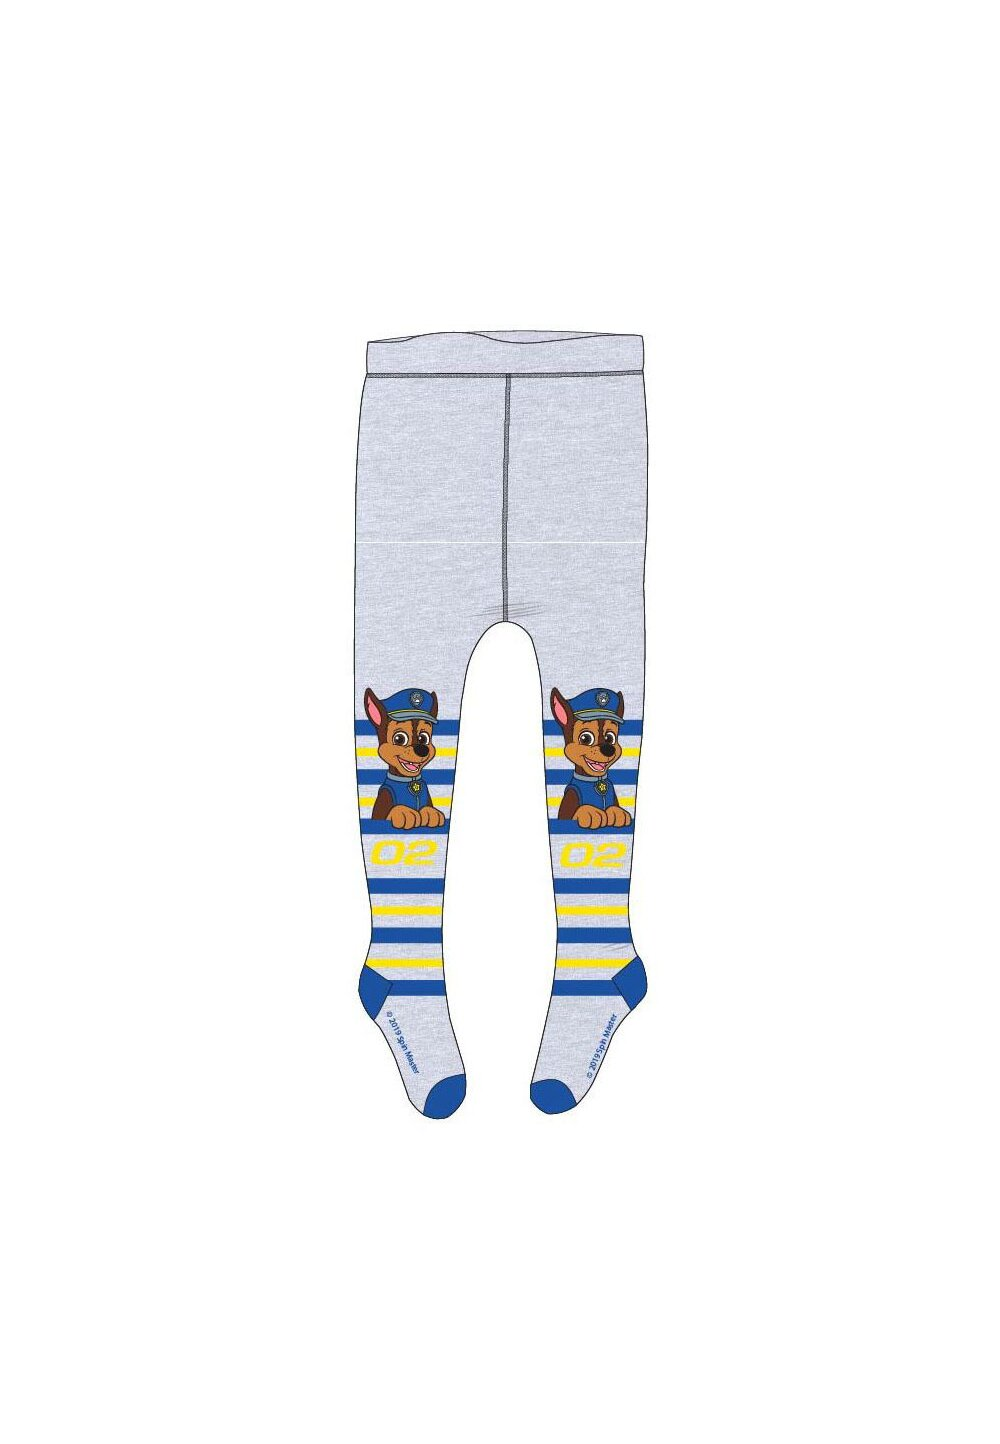 Ciorapi cu chilot, Chase 02, gri cu dungi colorate imagine